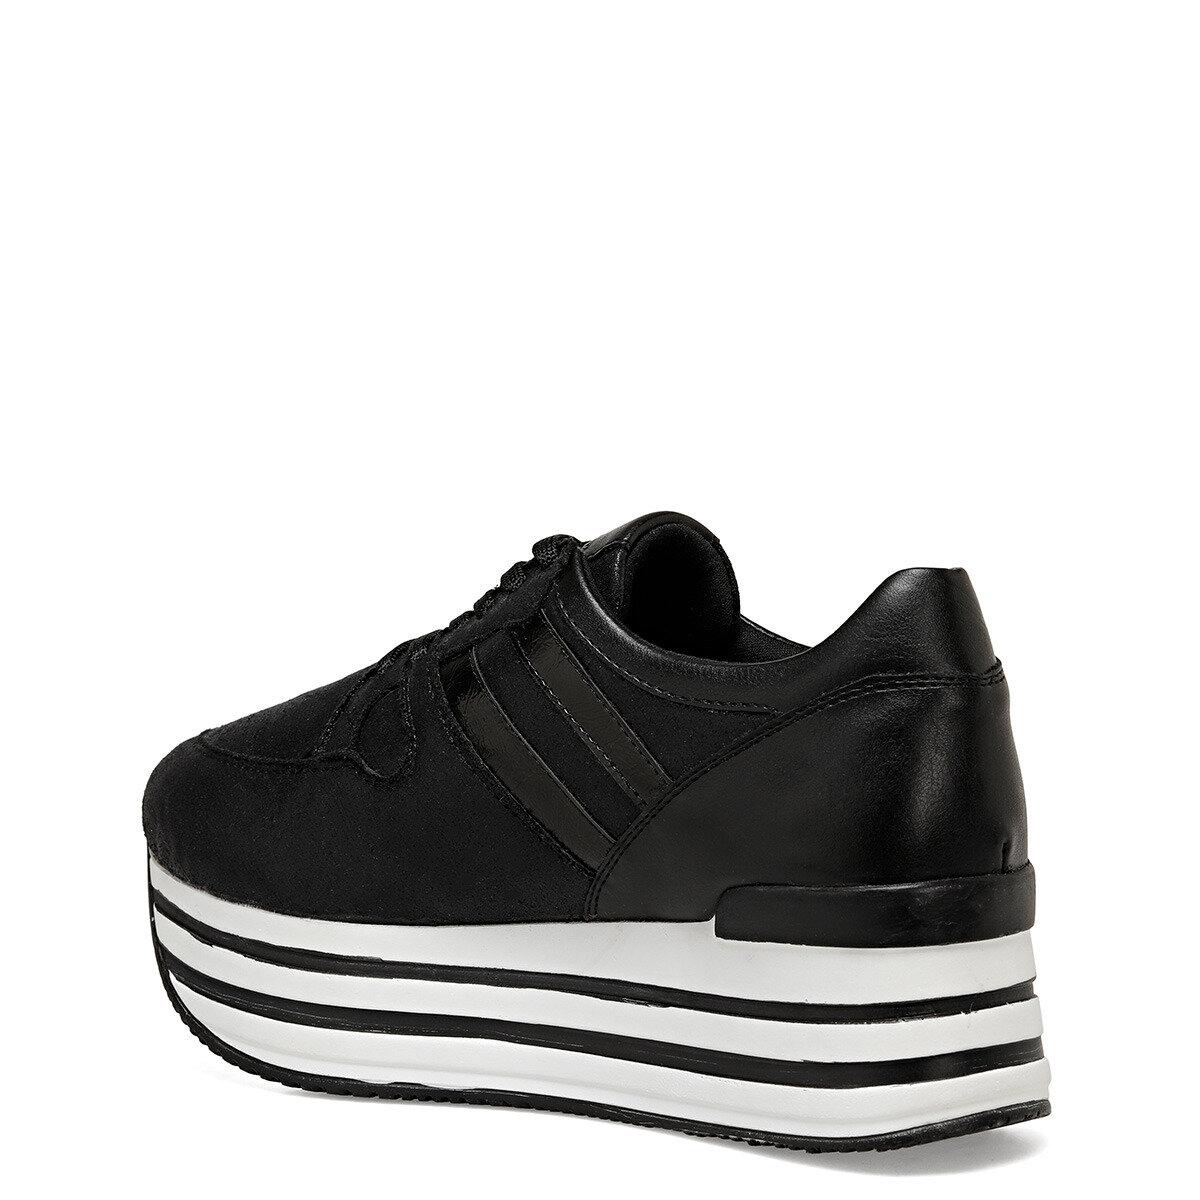 TAKO Siyah Kadın Sneaker Ayakkabı